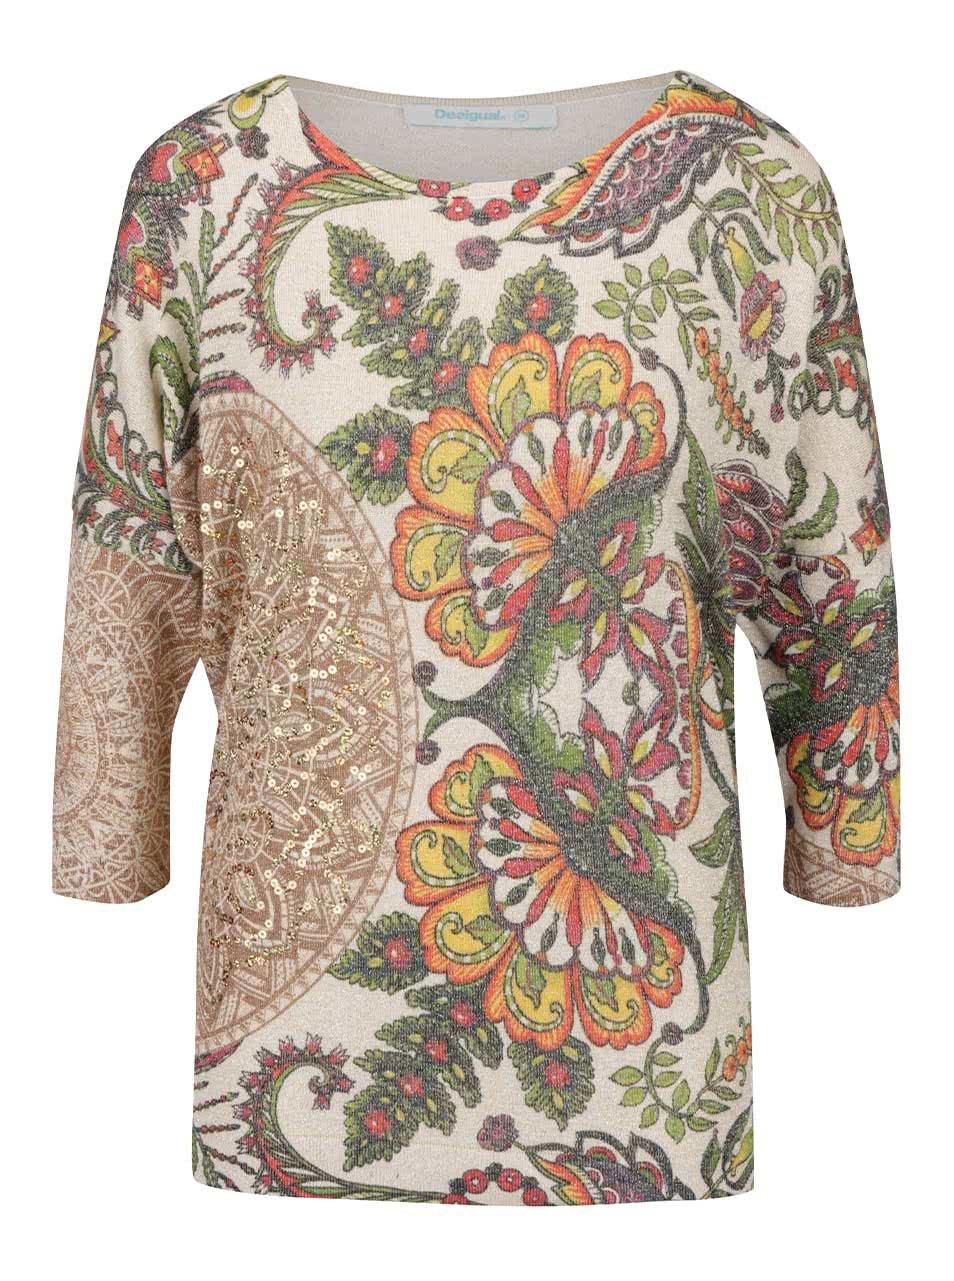 5e6219237ed3 Béžový vzorovaný sveter s flitrami a netopierími rukávmi Desigual Varlkiria  Full ...